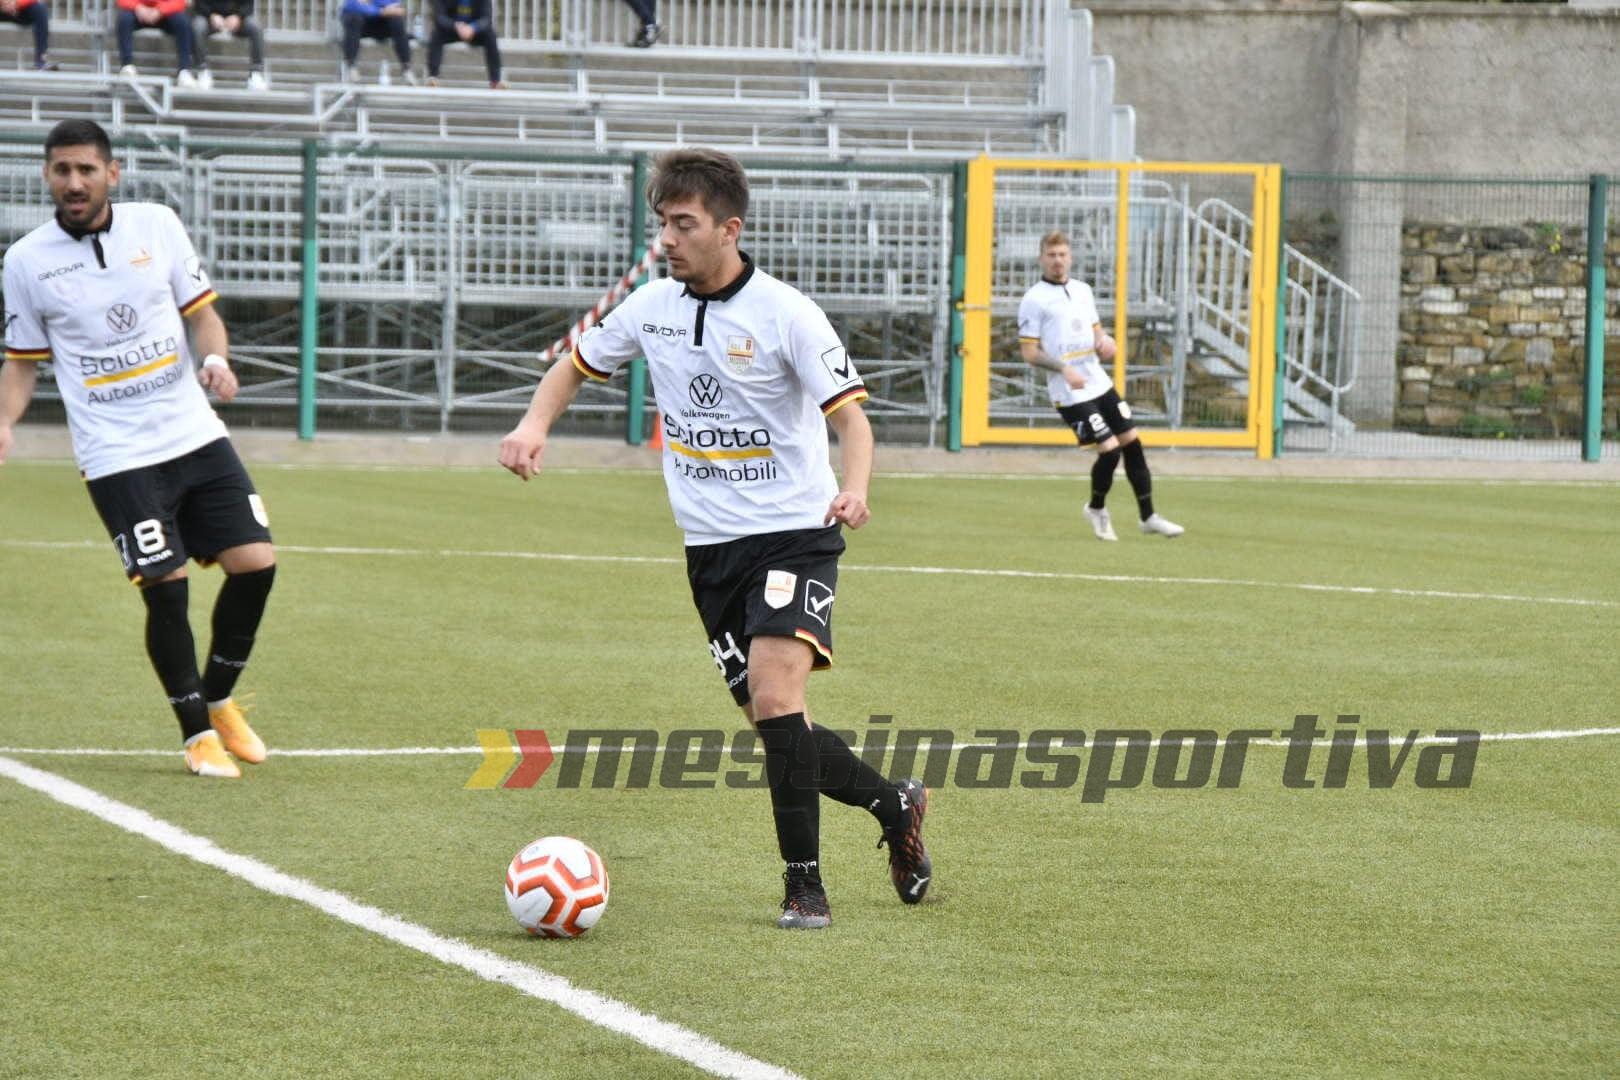 Alessio Izzo